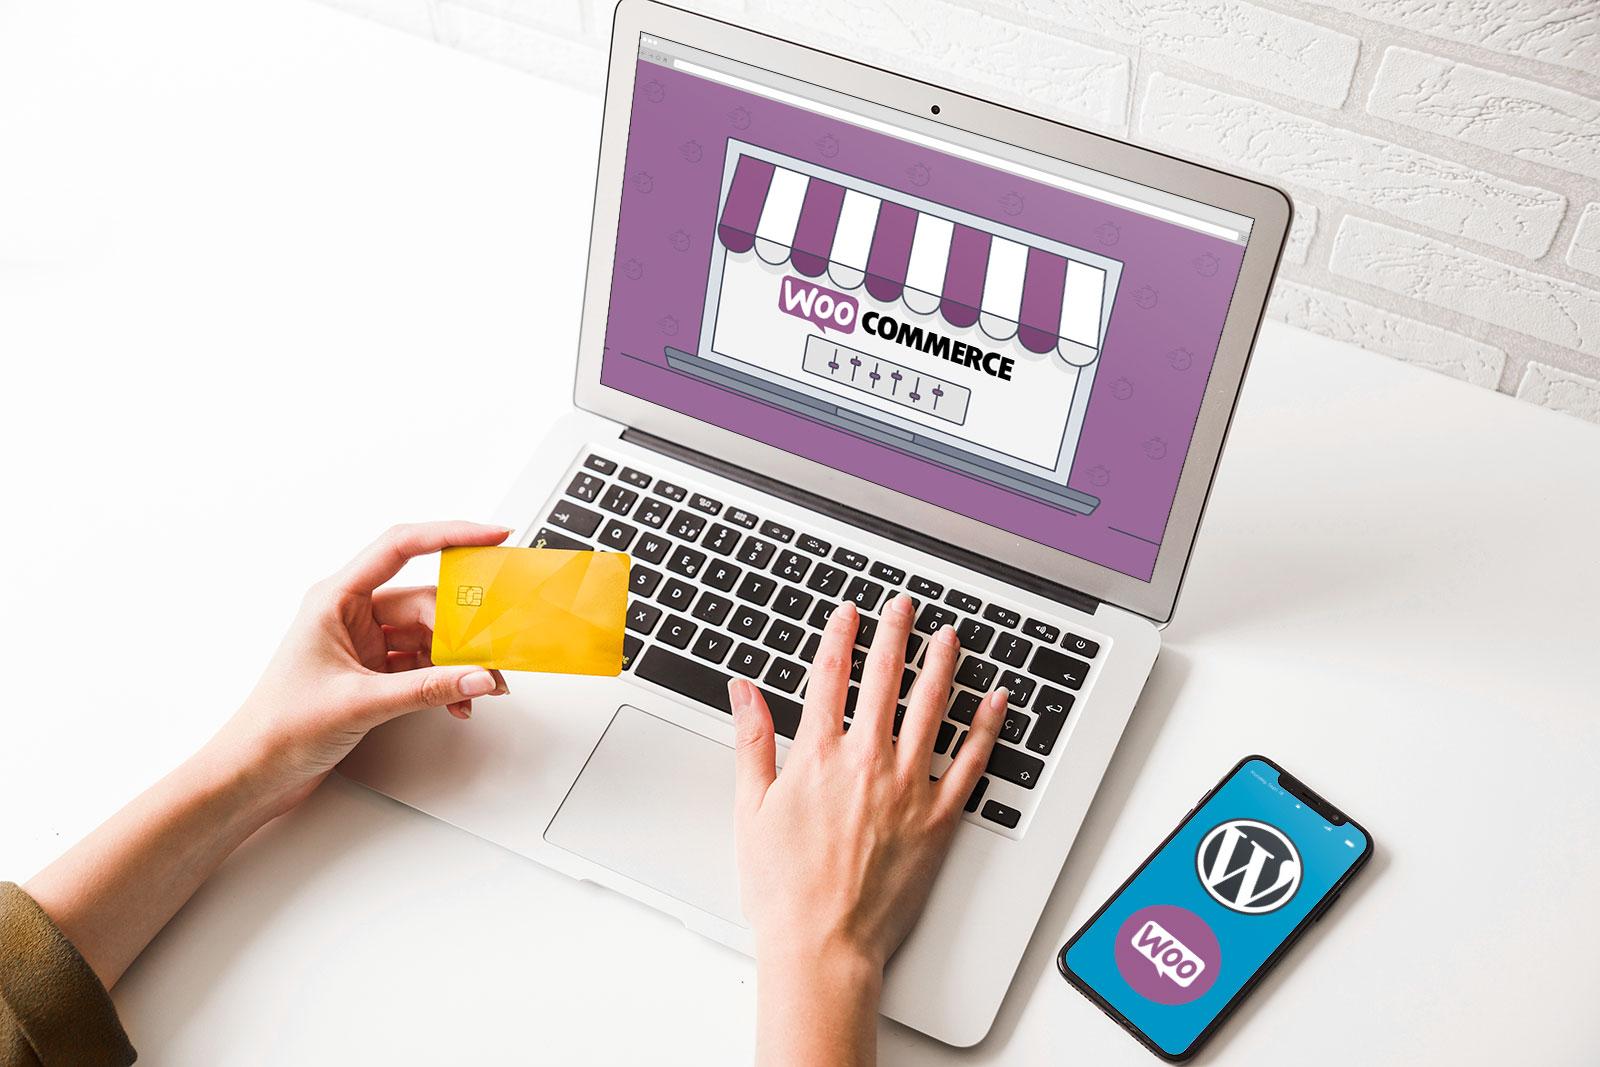 Ръководство за WooCommerce маркетинг и растеж на електронния Ви магазин